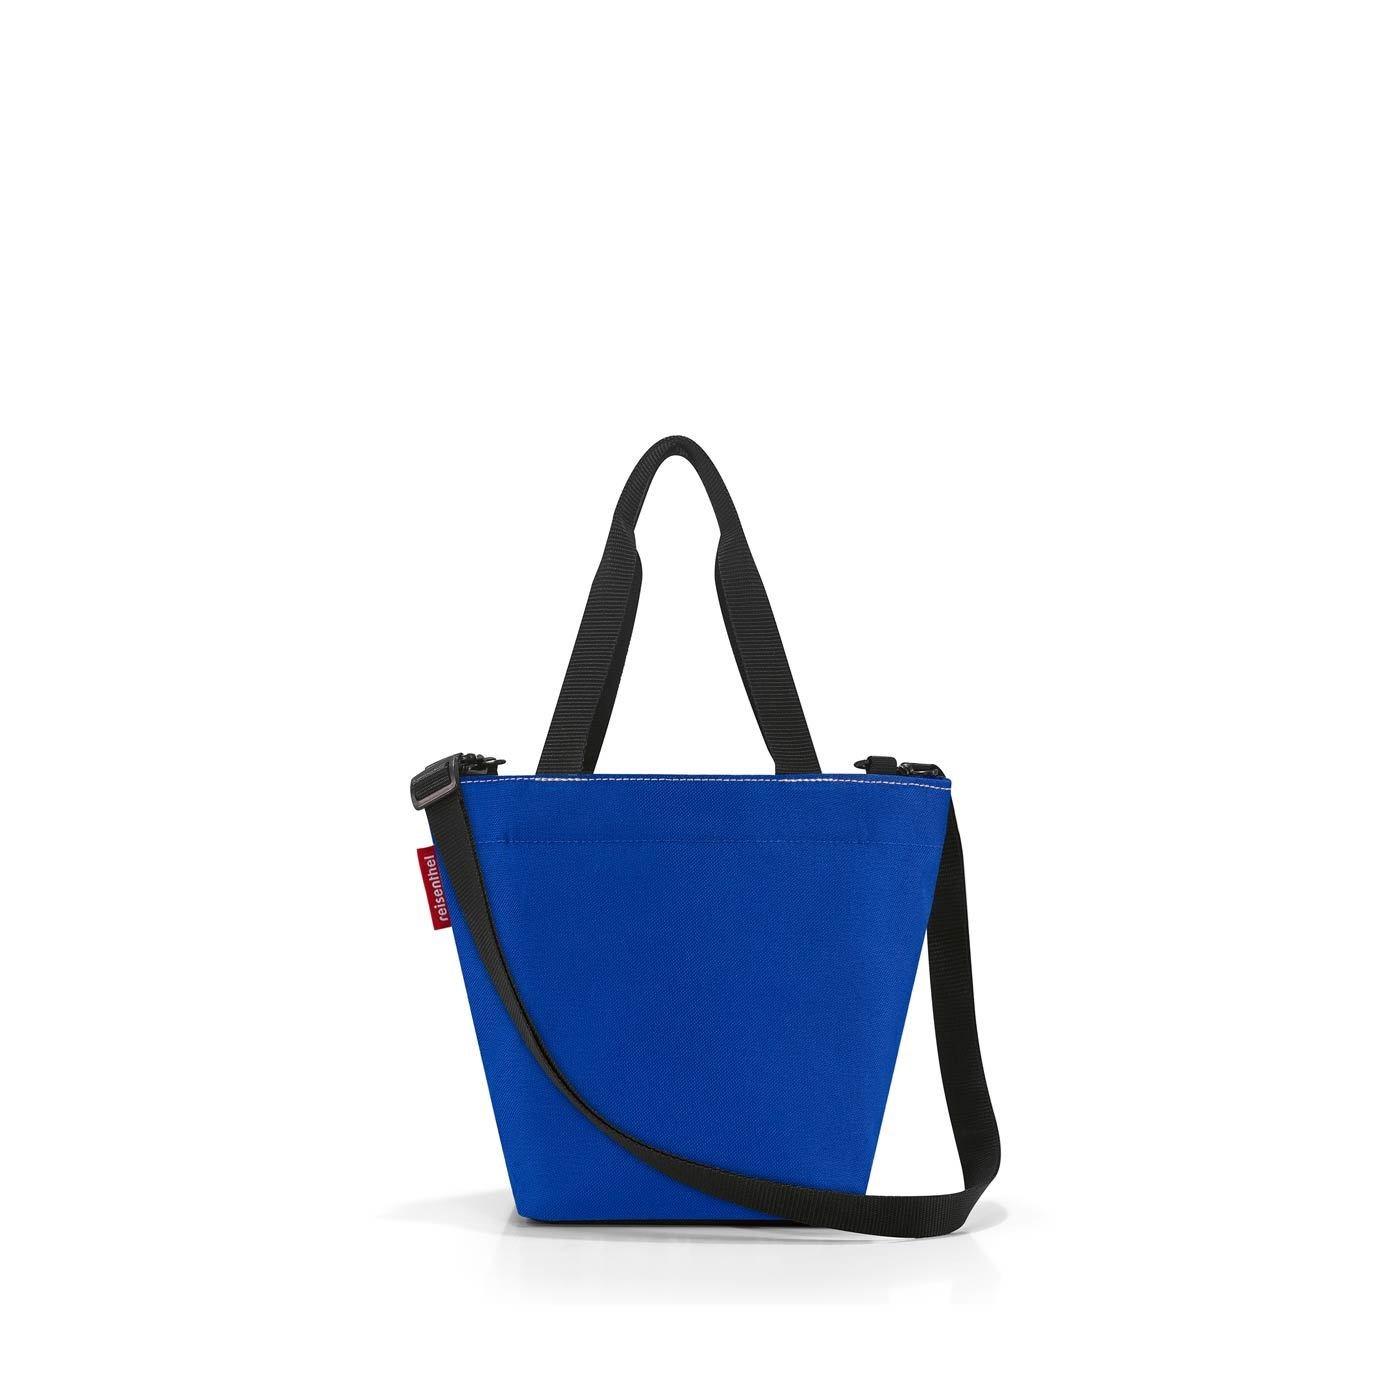 Dětská taška Shopper XS kids mini me leo_3